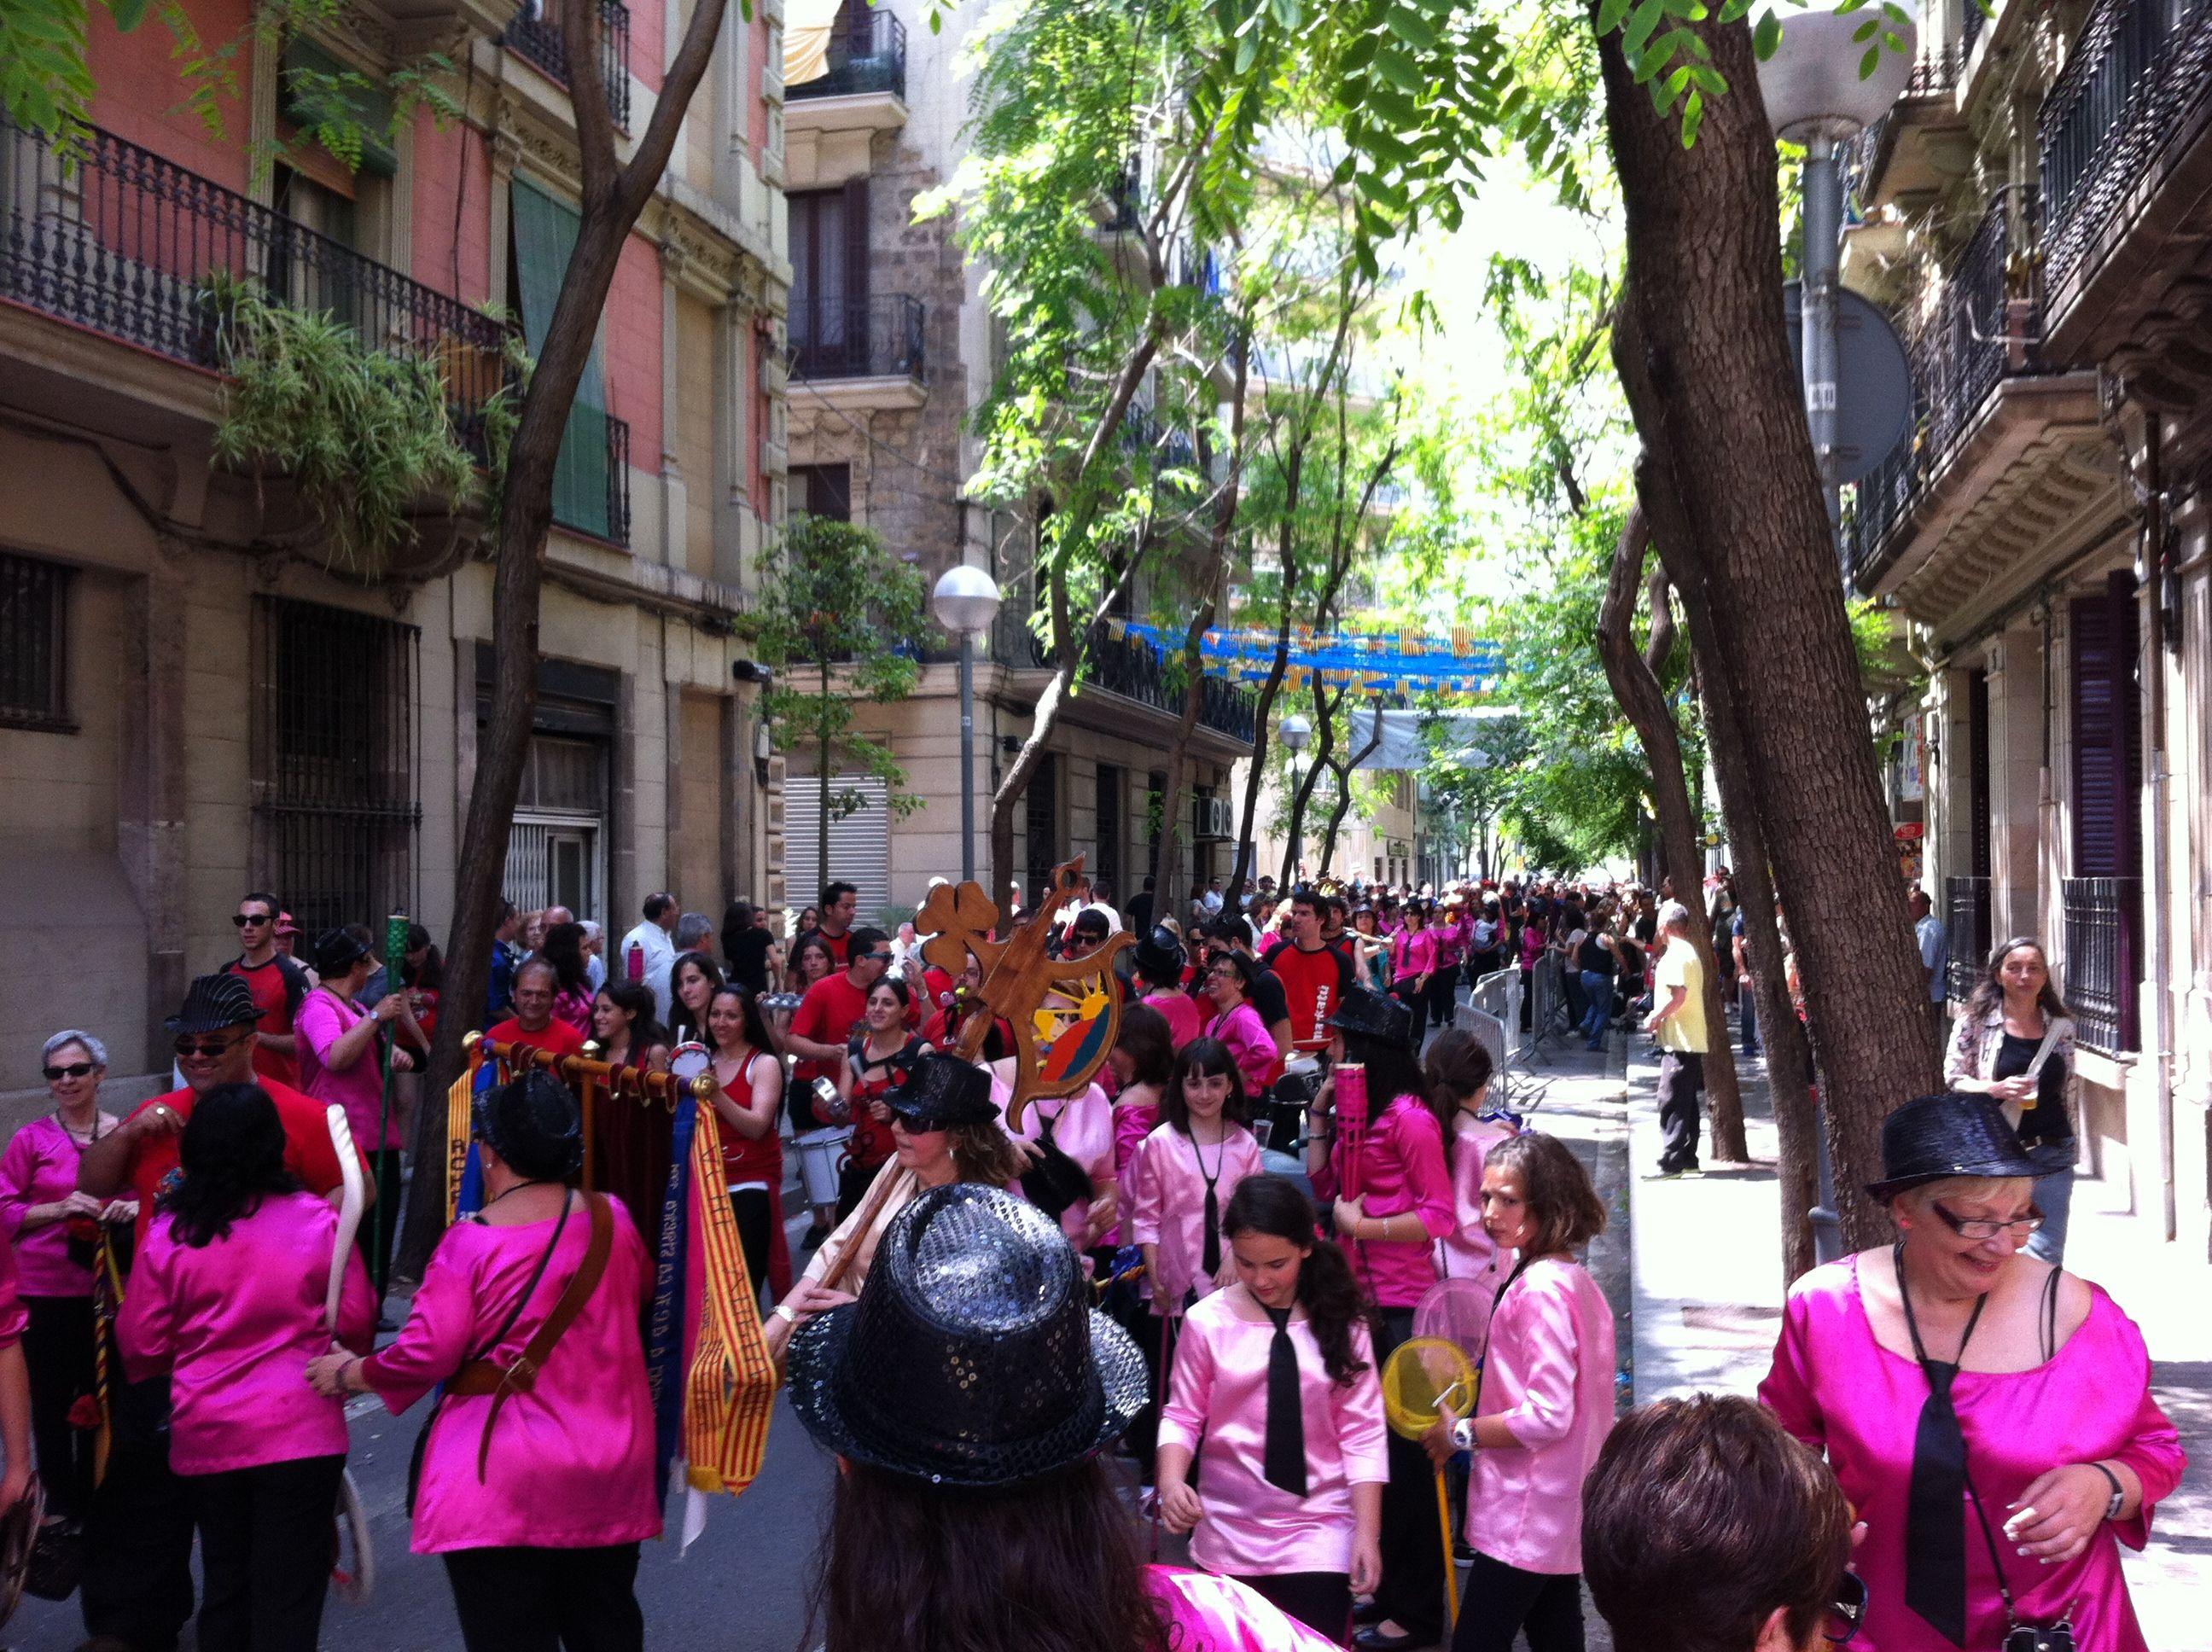 The Pink Ladies!